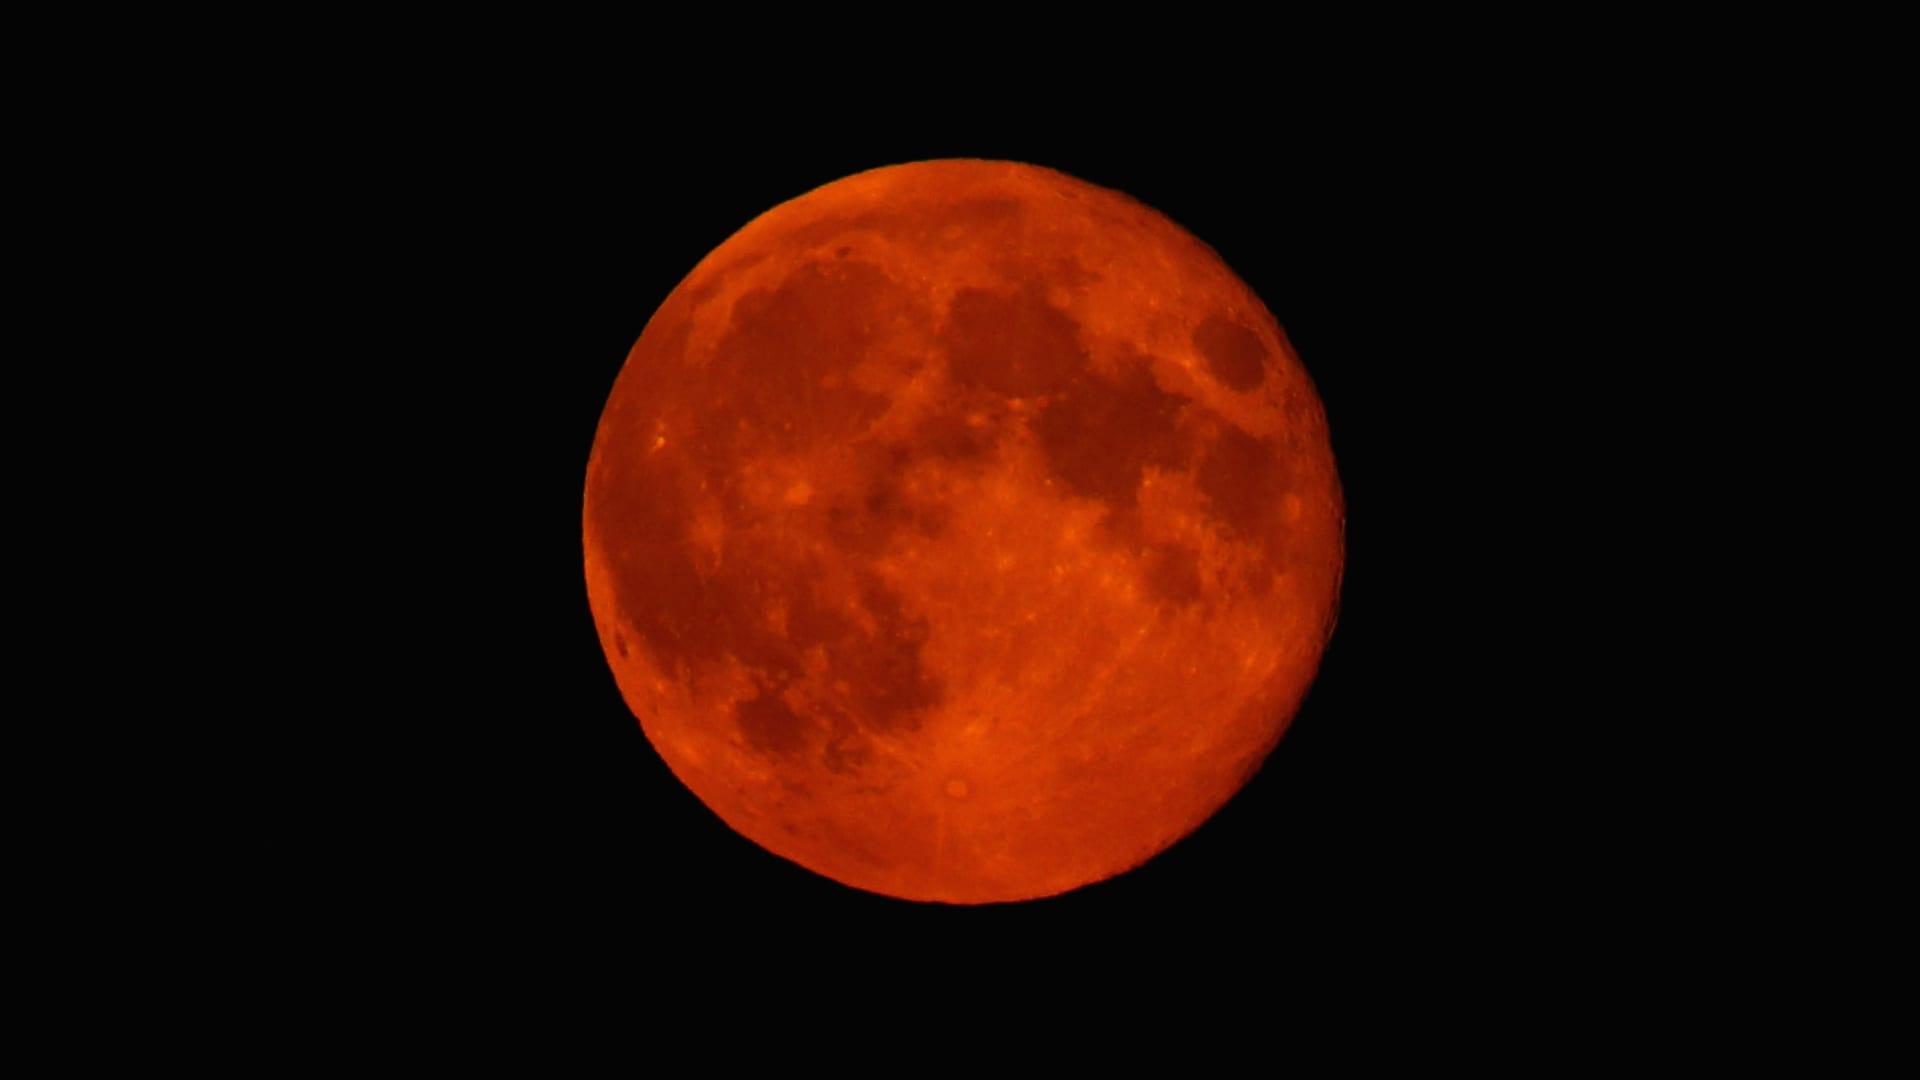 شوهد القمر بحجم أكبر وأكثر سطوعاً ليل الثلاثاء 9 سبتمبر/ أيلول 2014